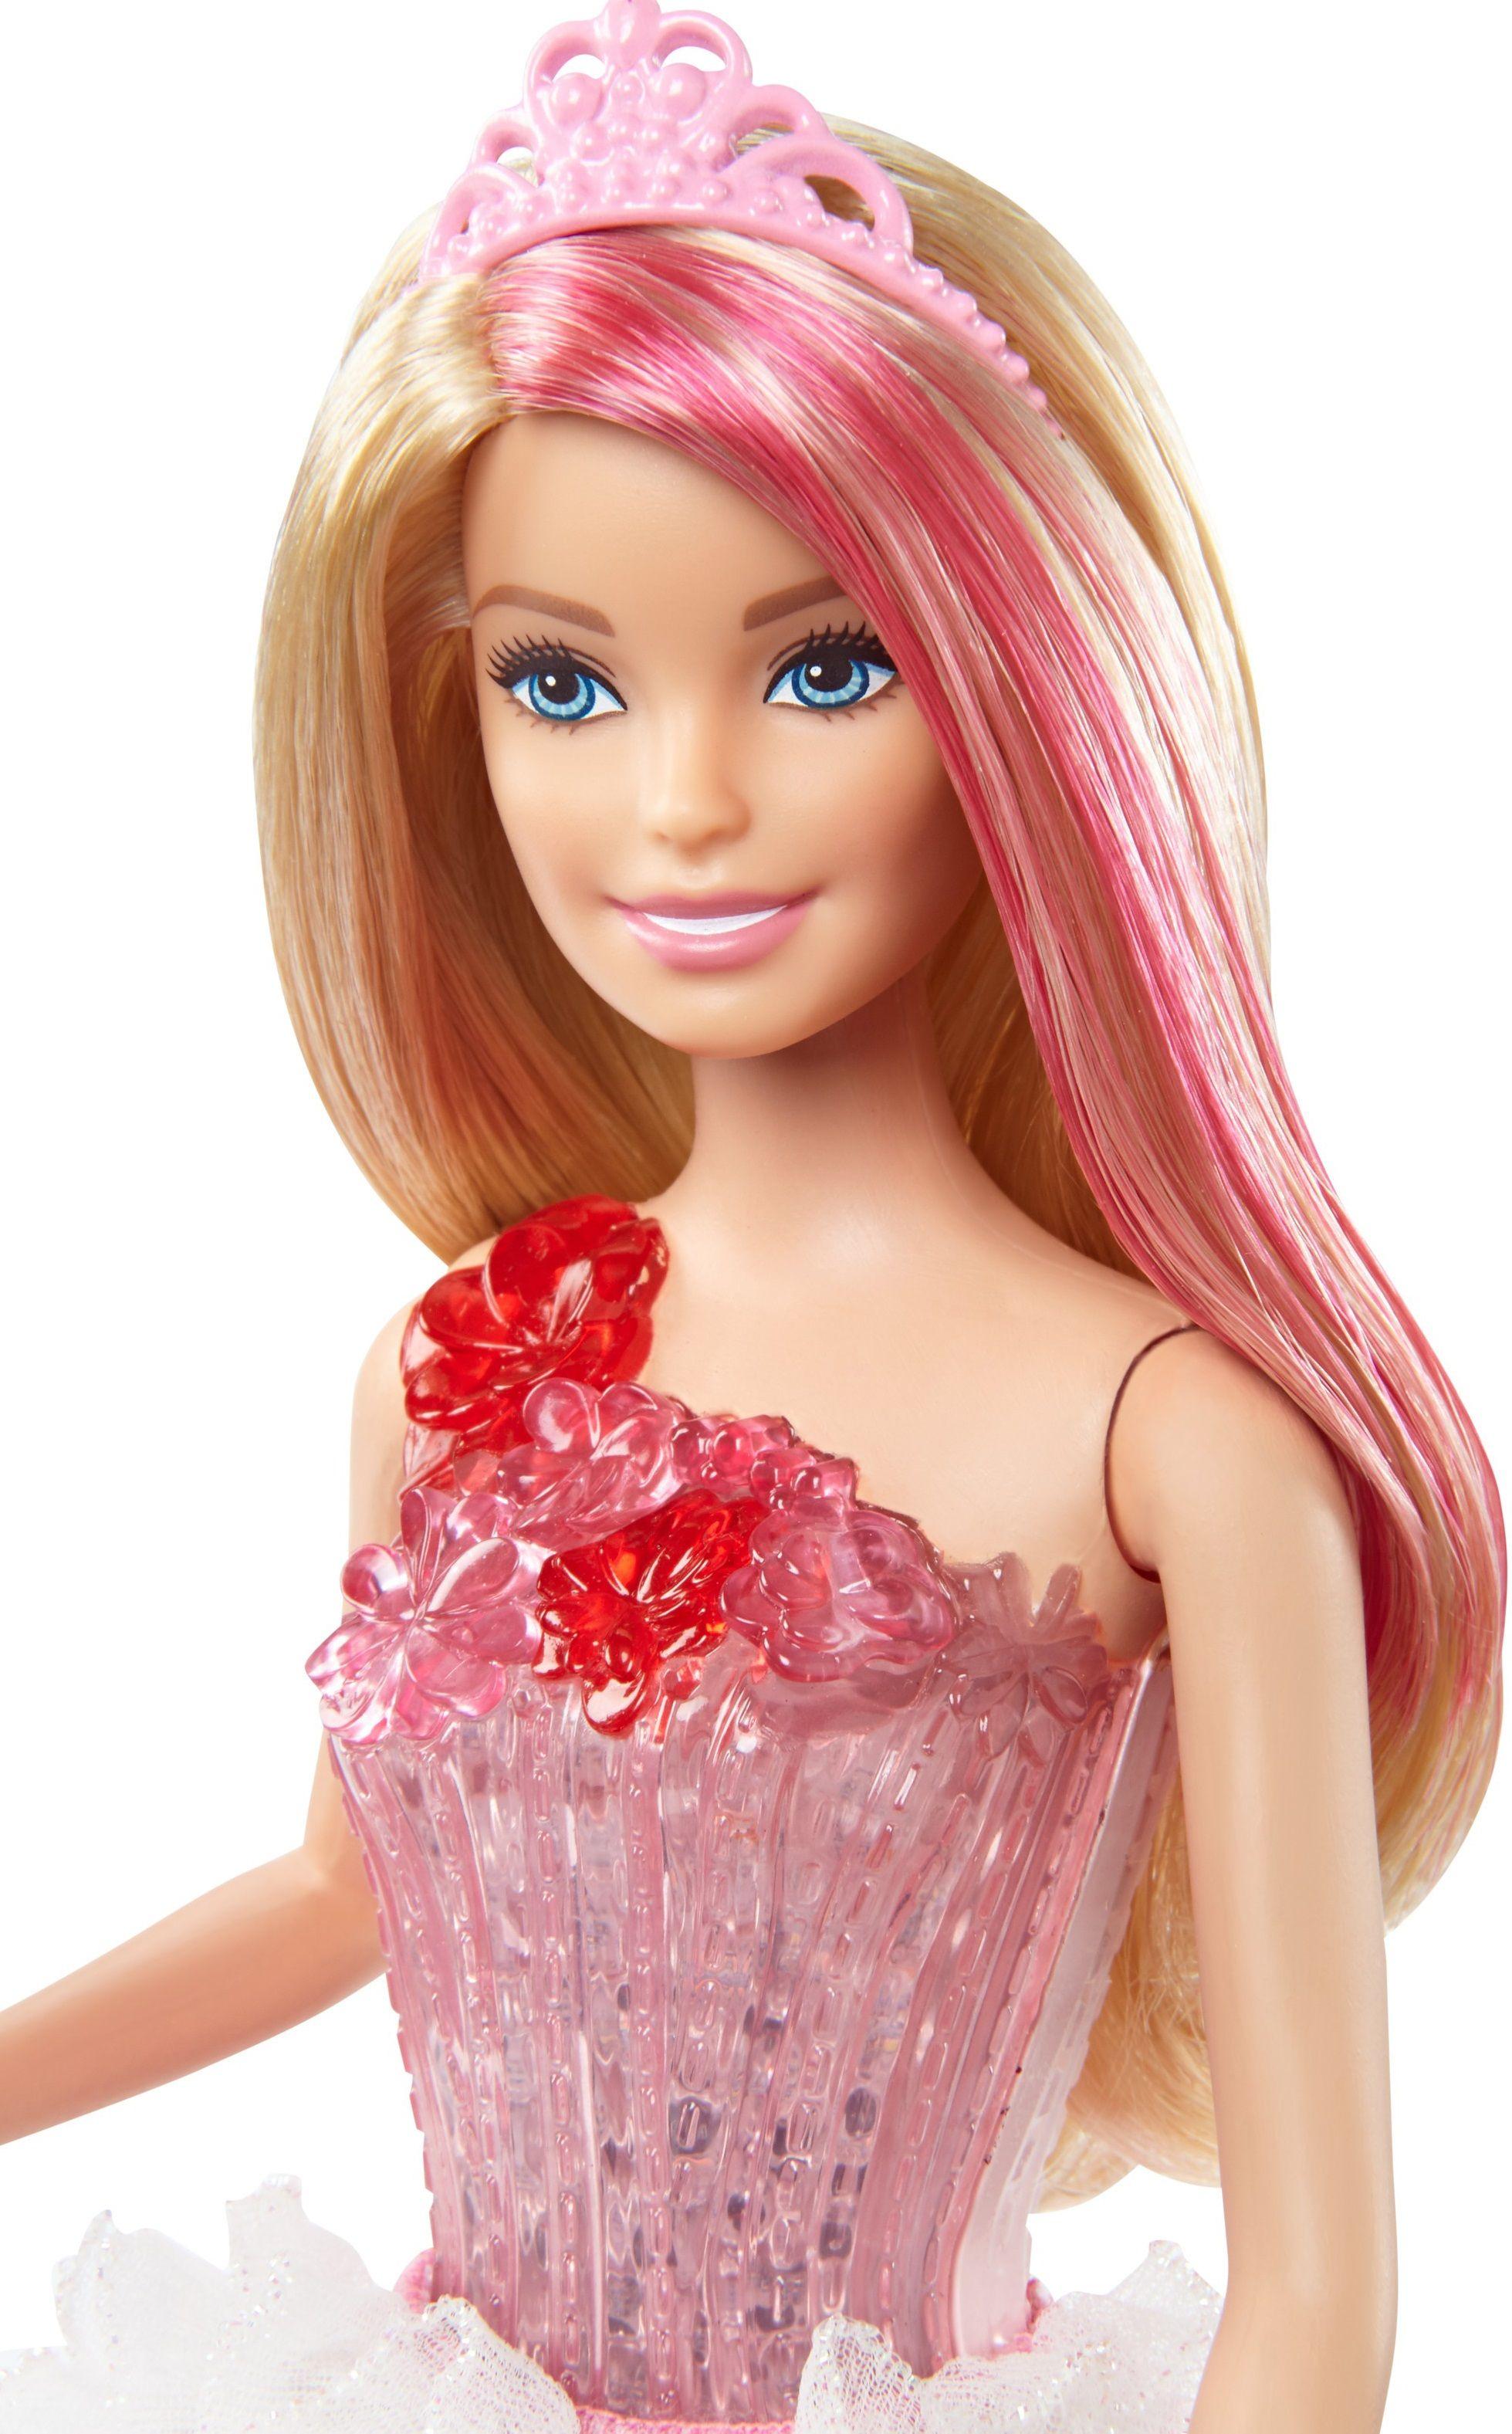 картинки с барби куклами можно назвать приятным